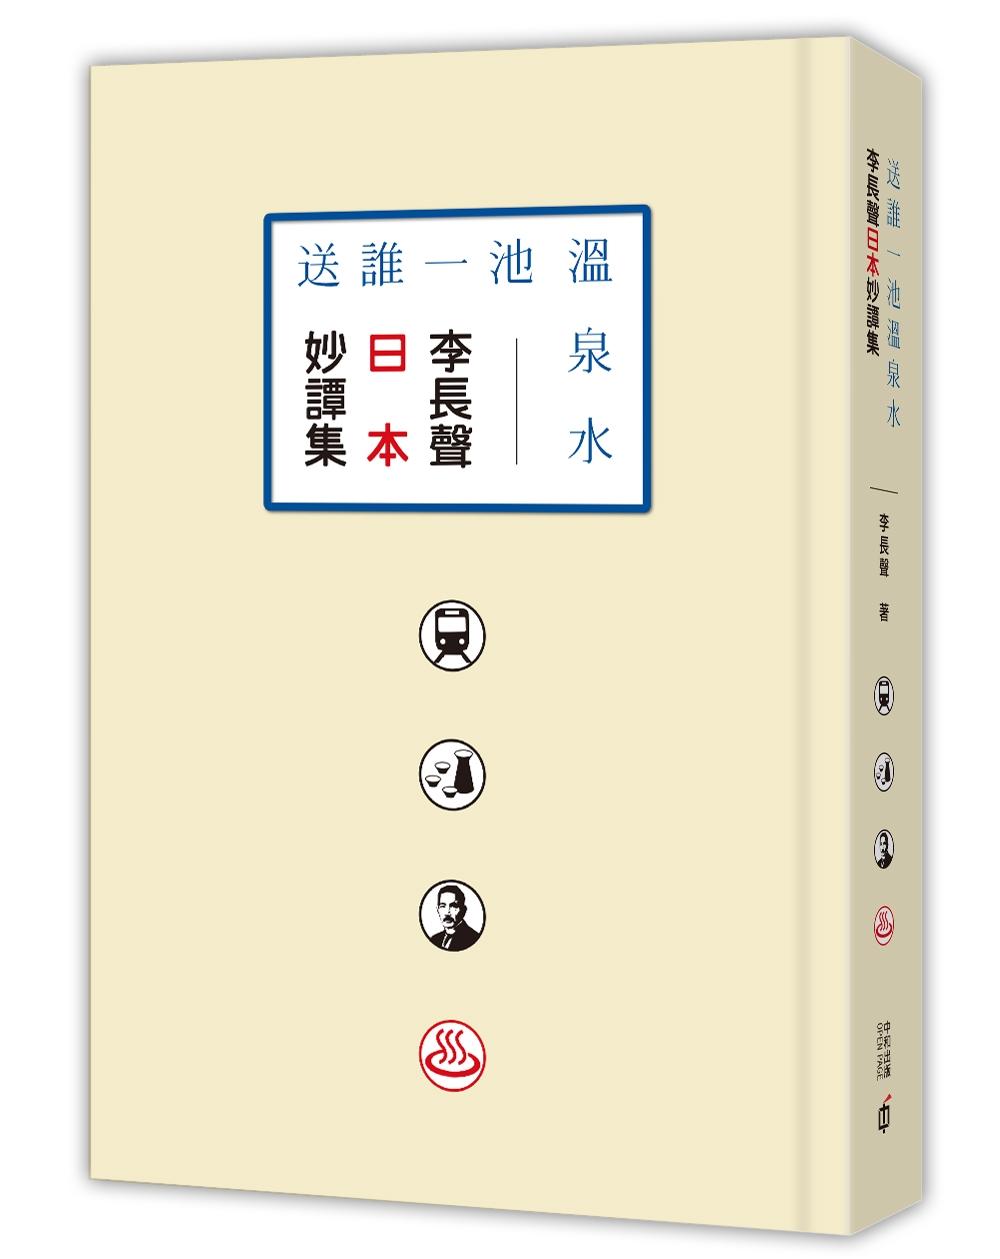 送誰一池溫泉水:李長聲日本妙譚集